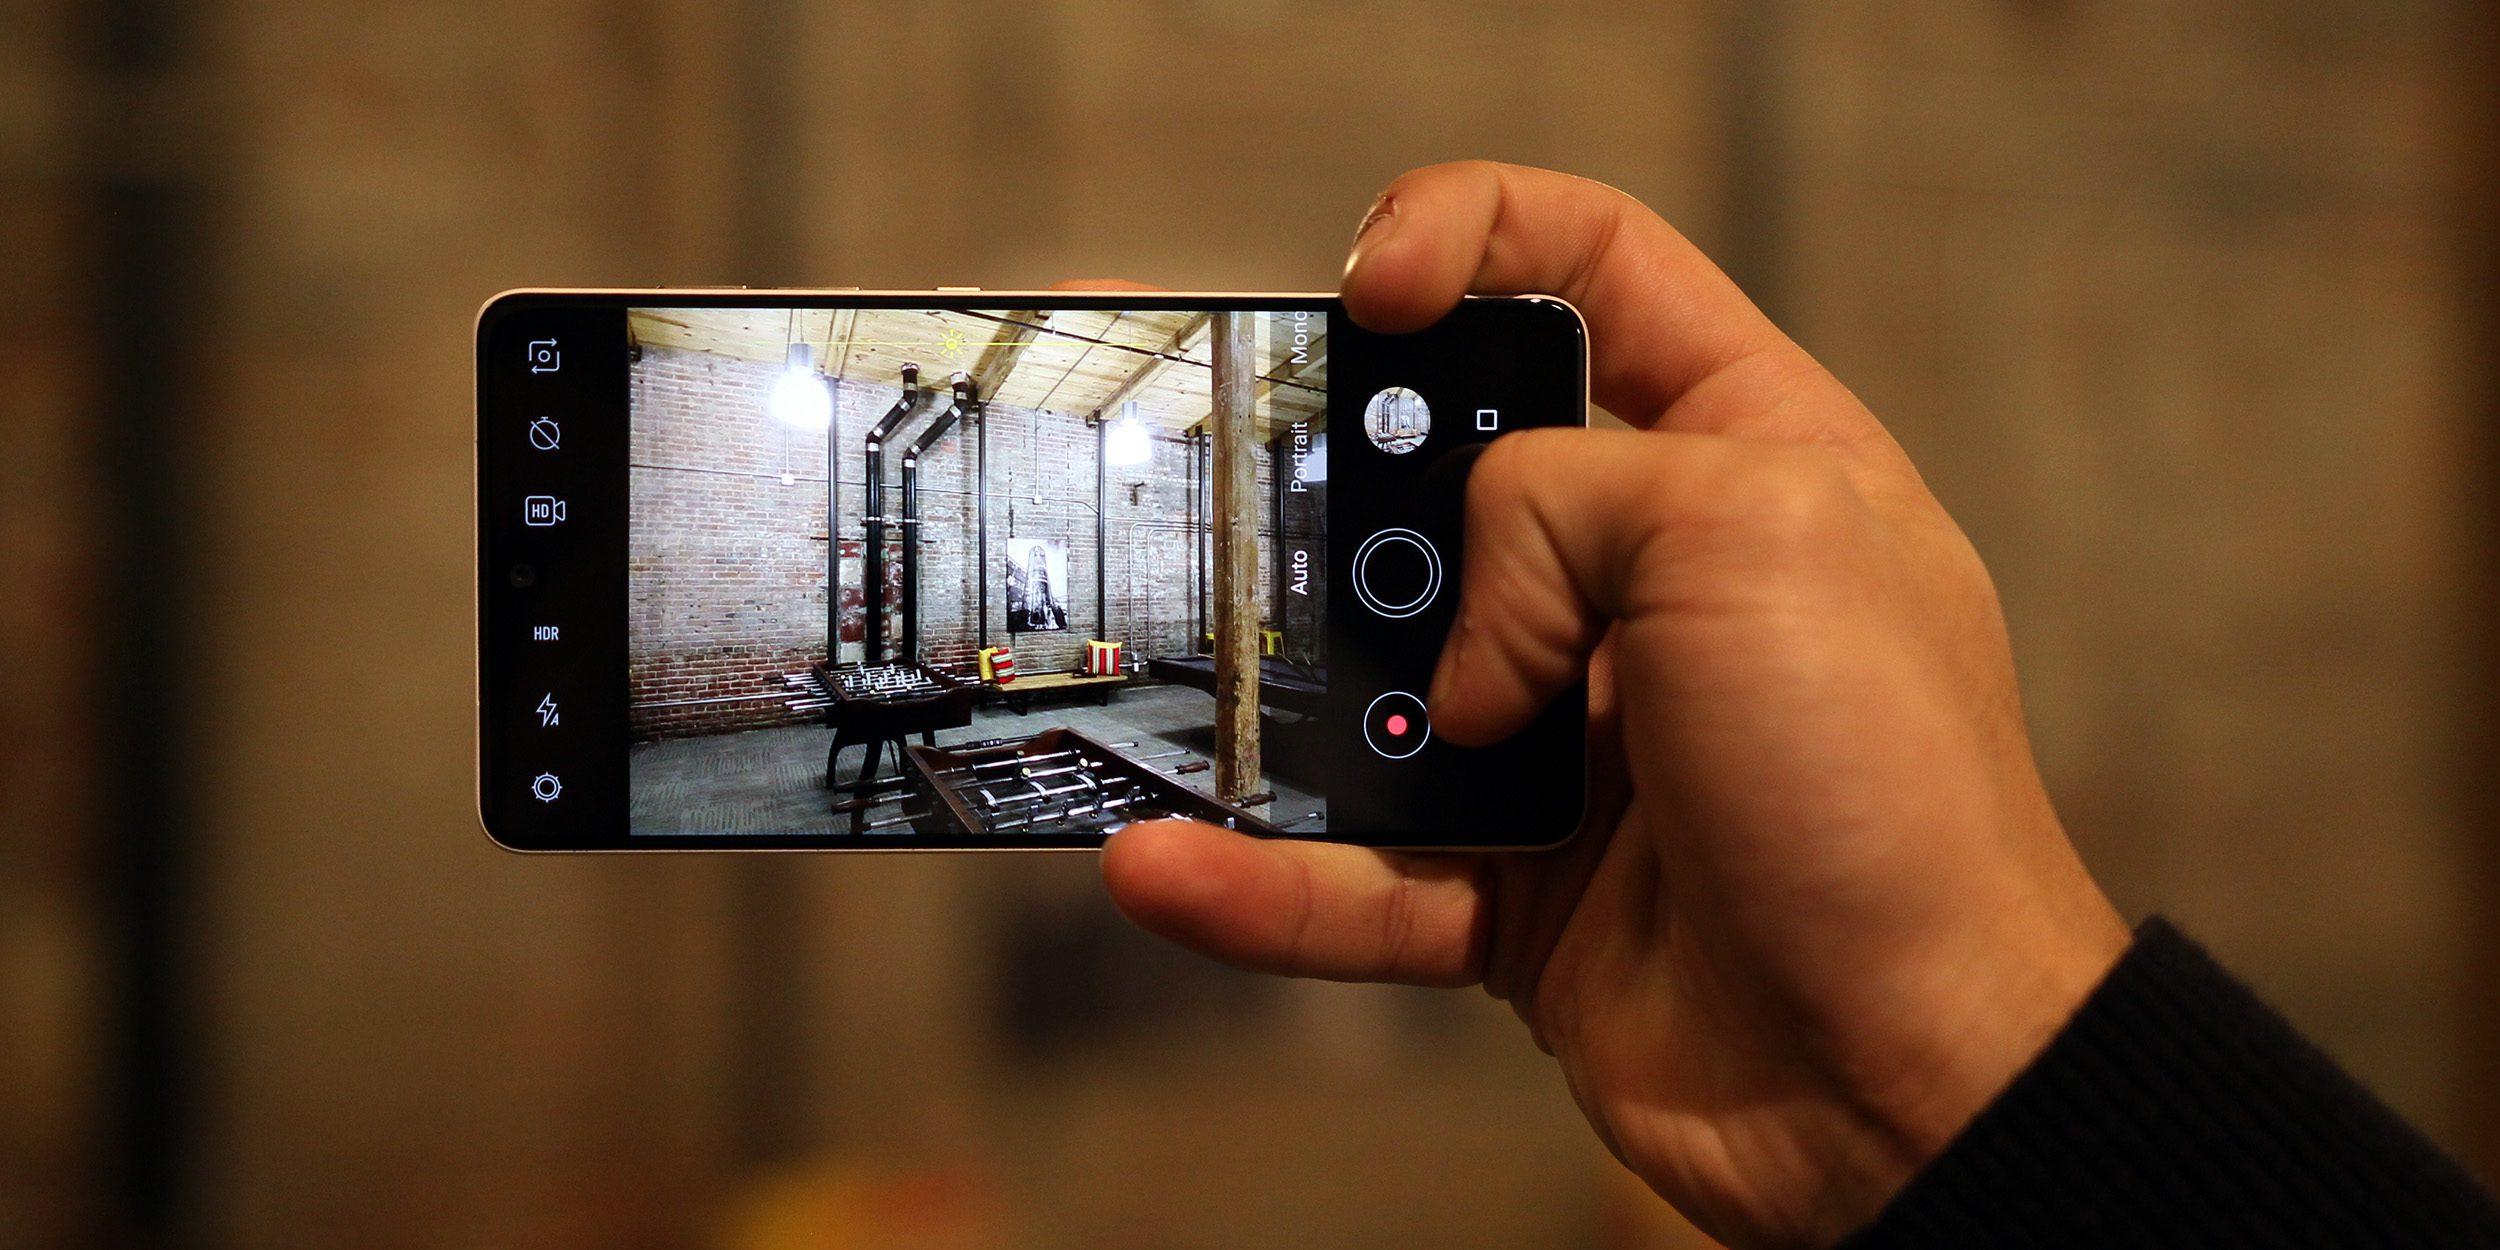 El Essential Phone recibe otra actualización de cámara con múltiples mejoras